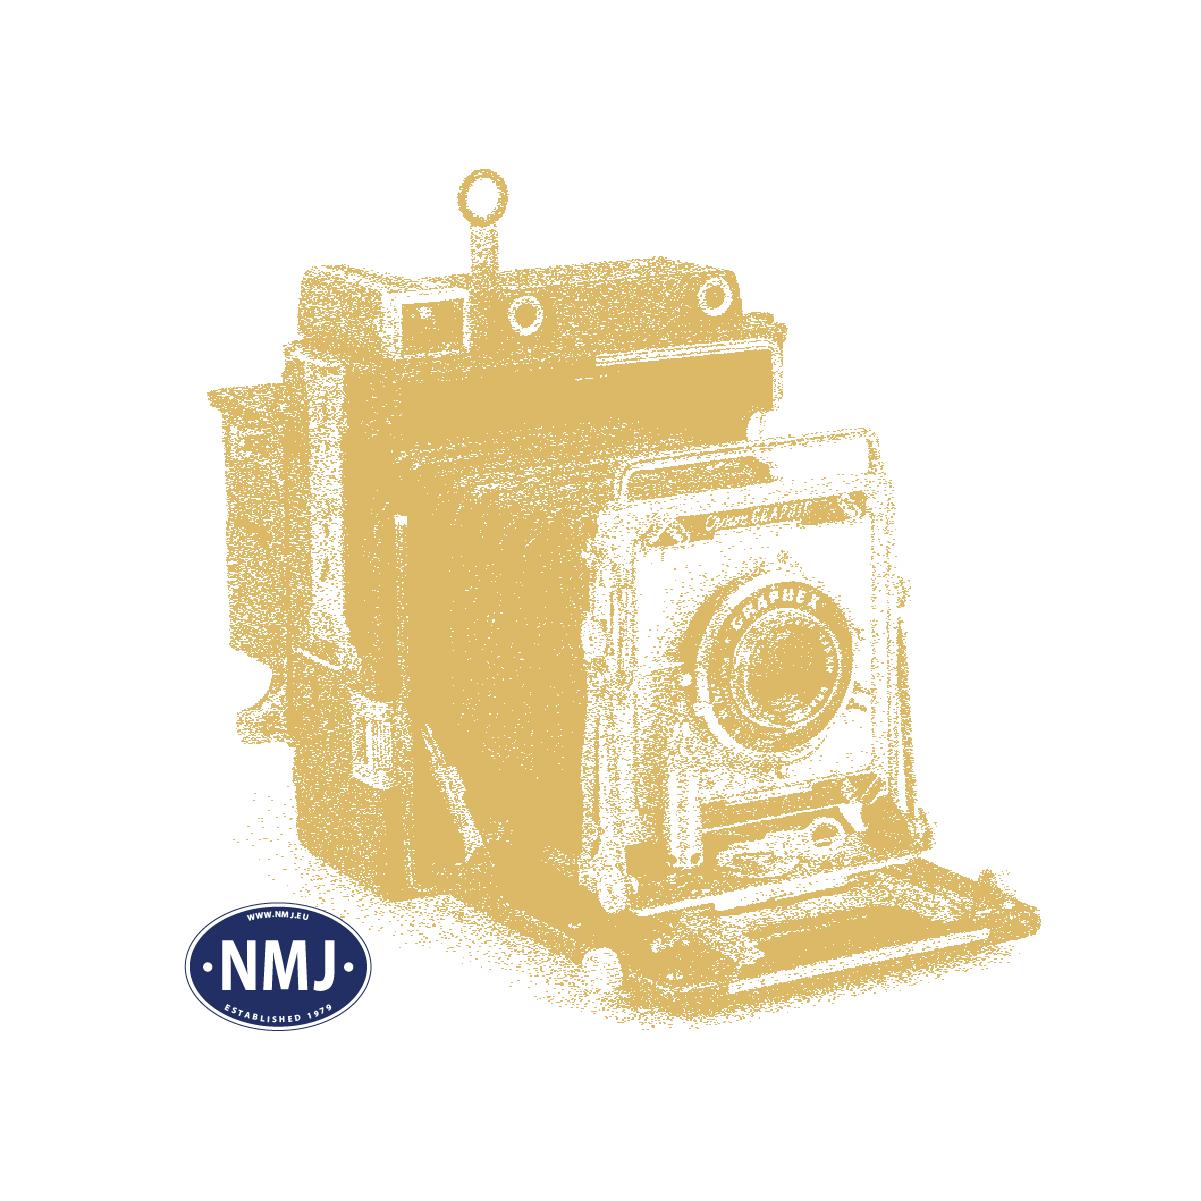 NMJ Superline NSB Stakevogn T3 16544